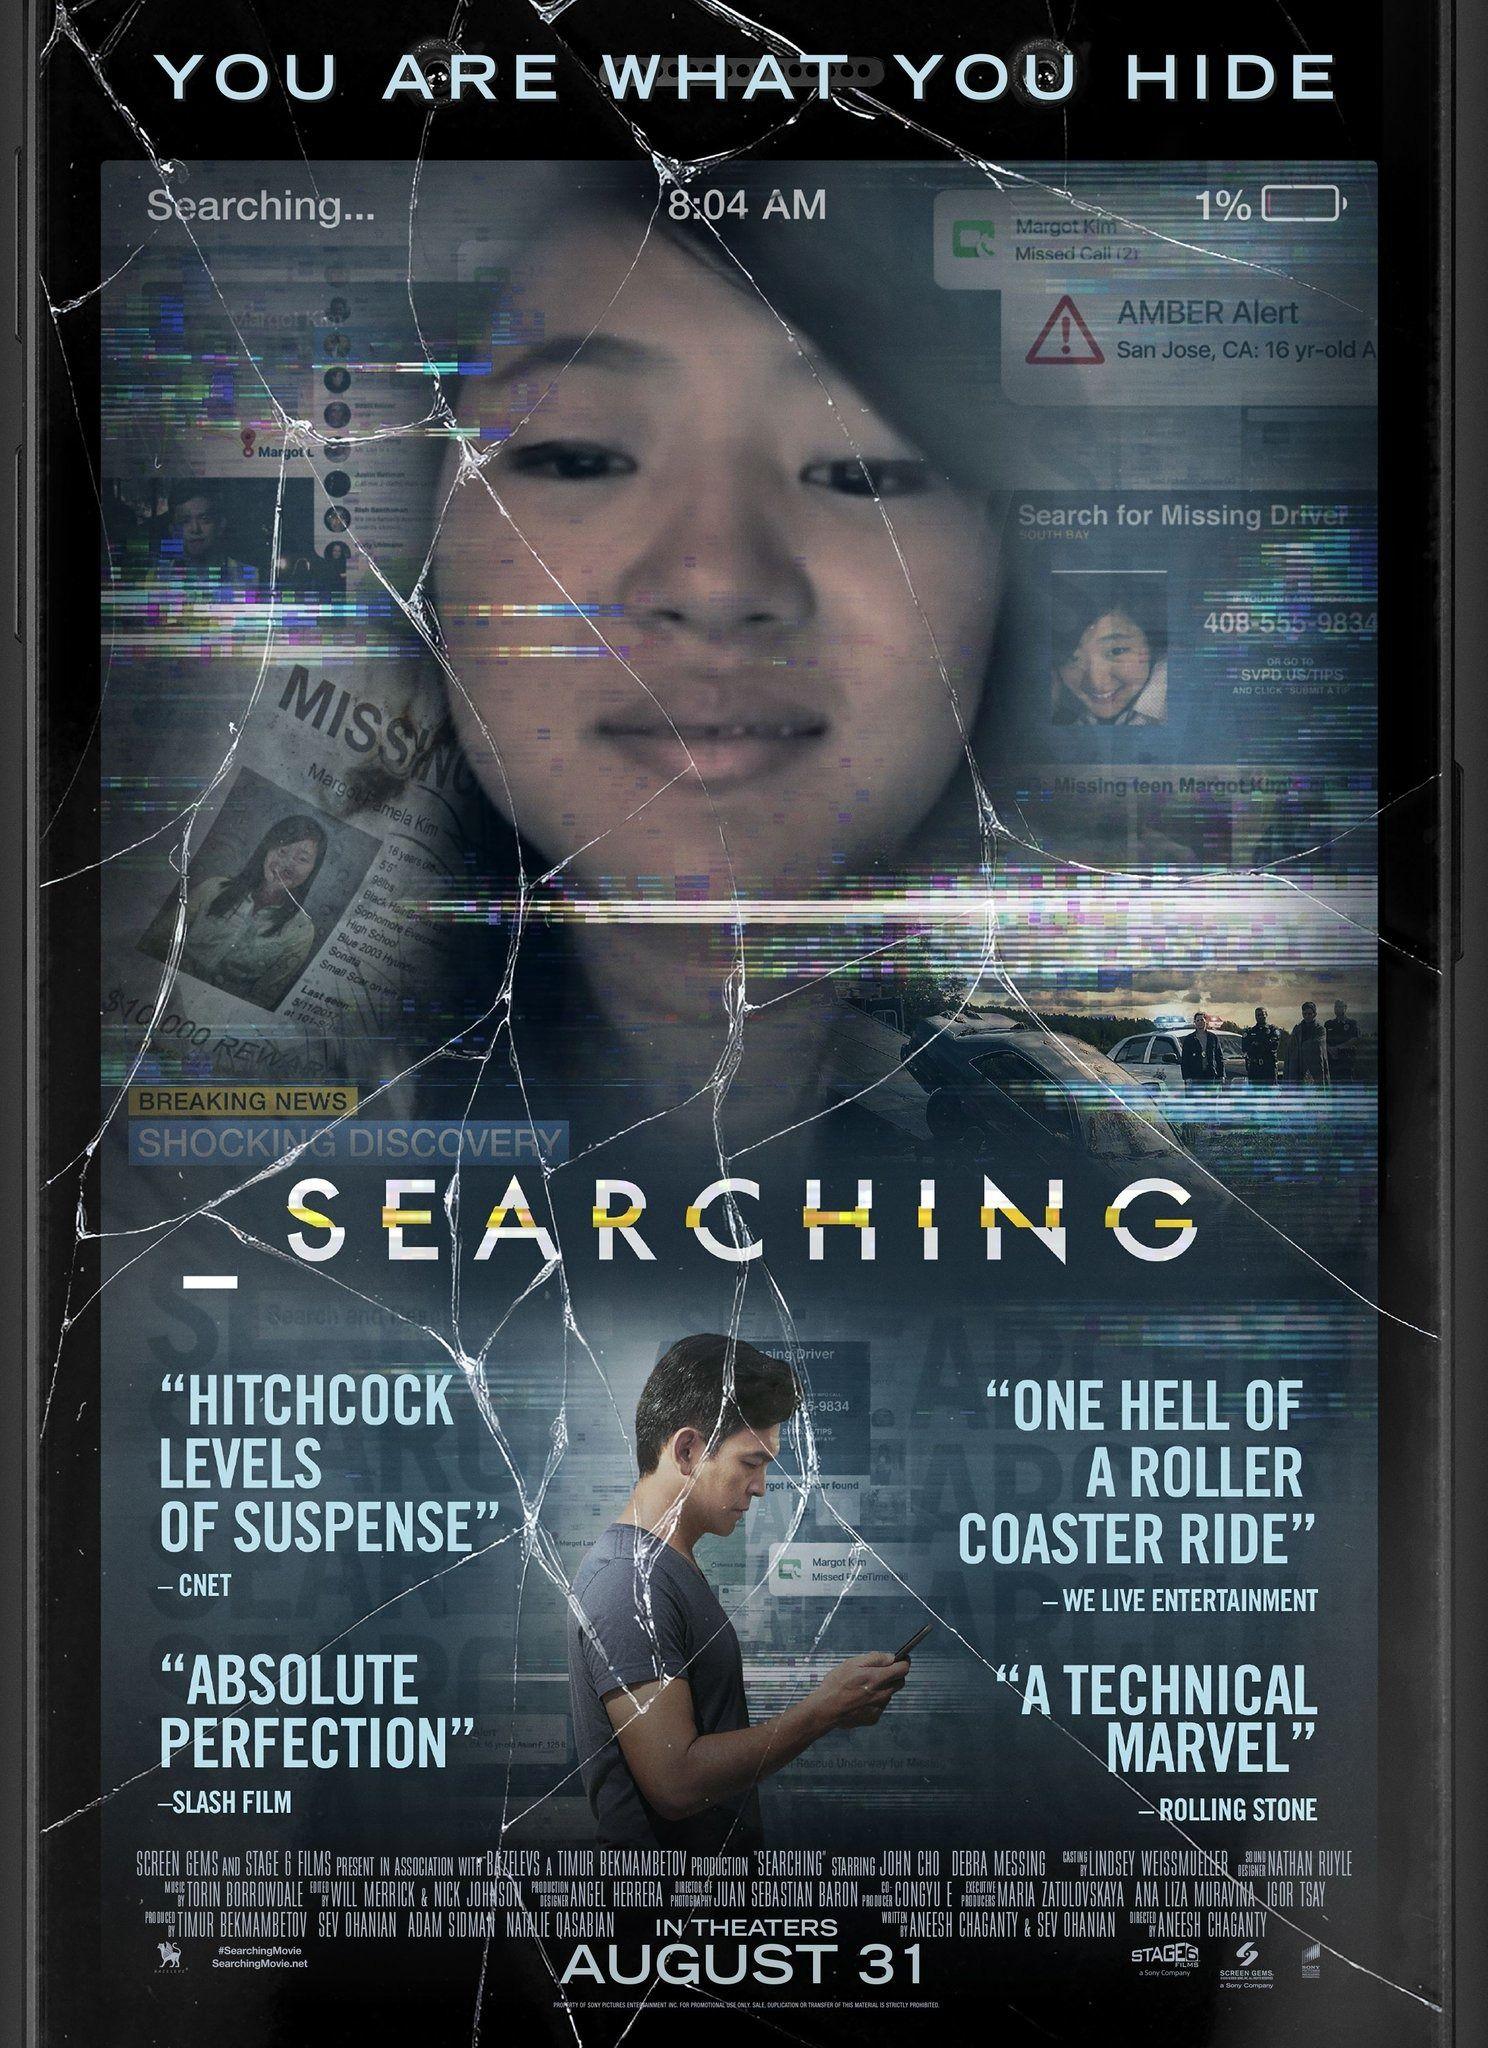 Searching Movie Poster Photo Print 8x10 11x17 16x20 22x28 24x36 27x40 Messing